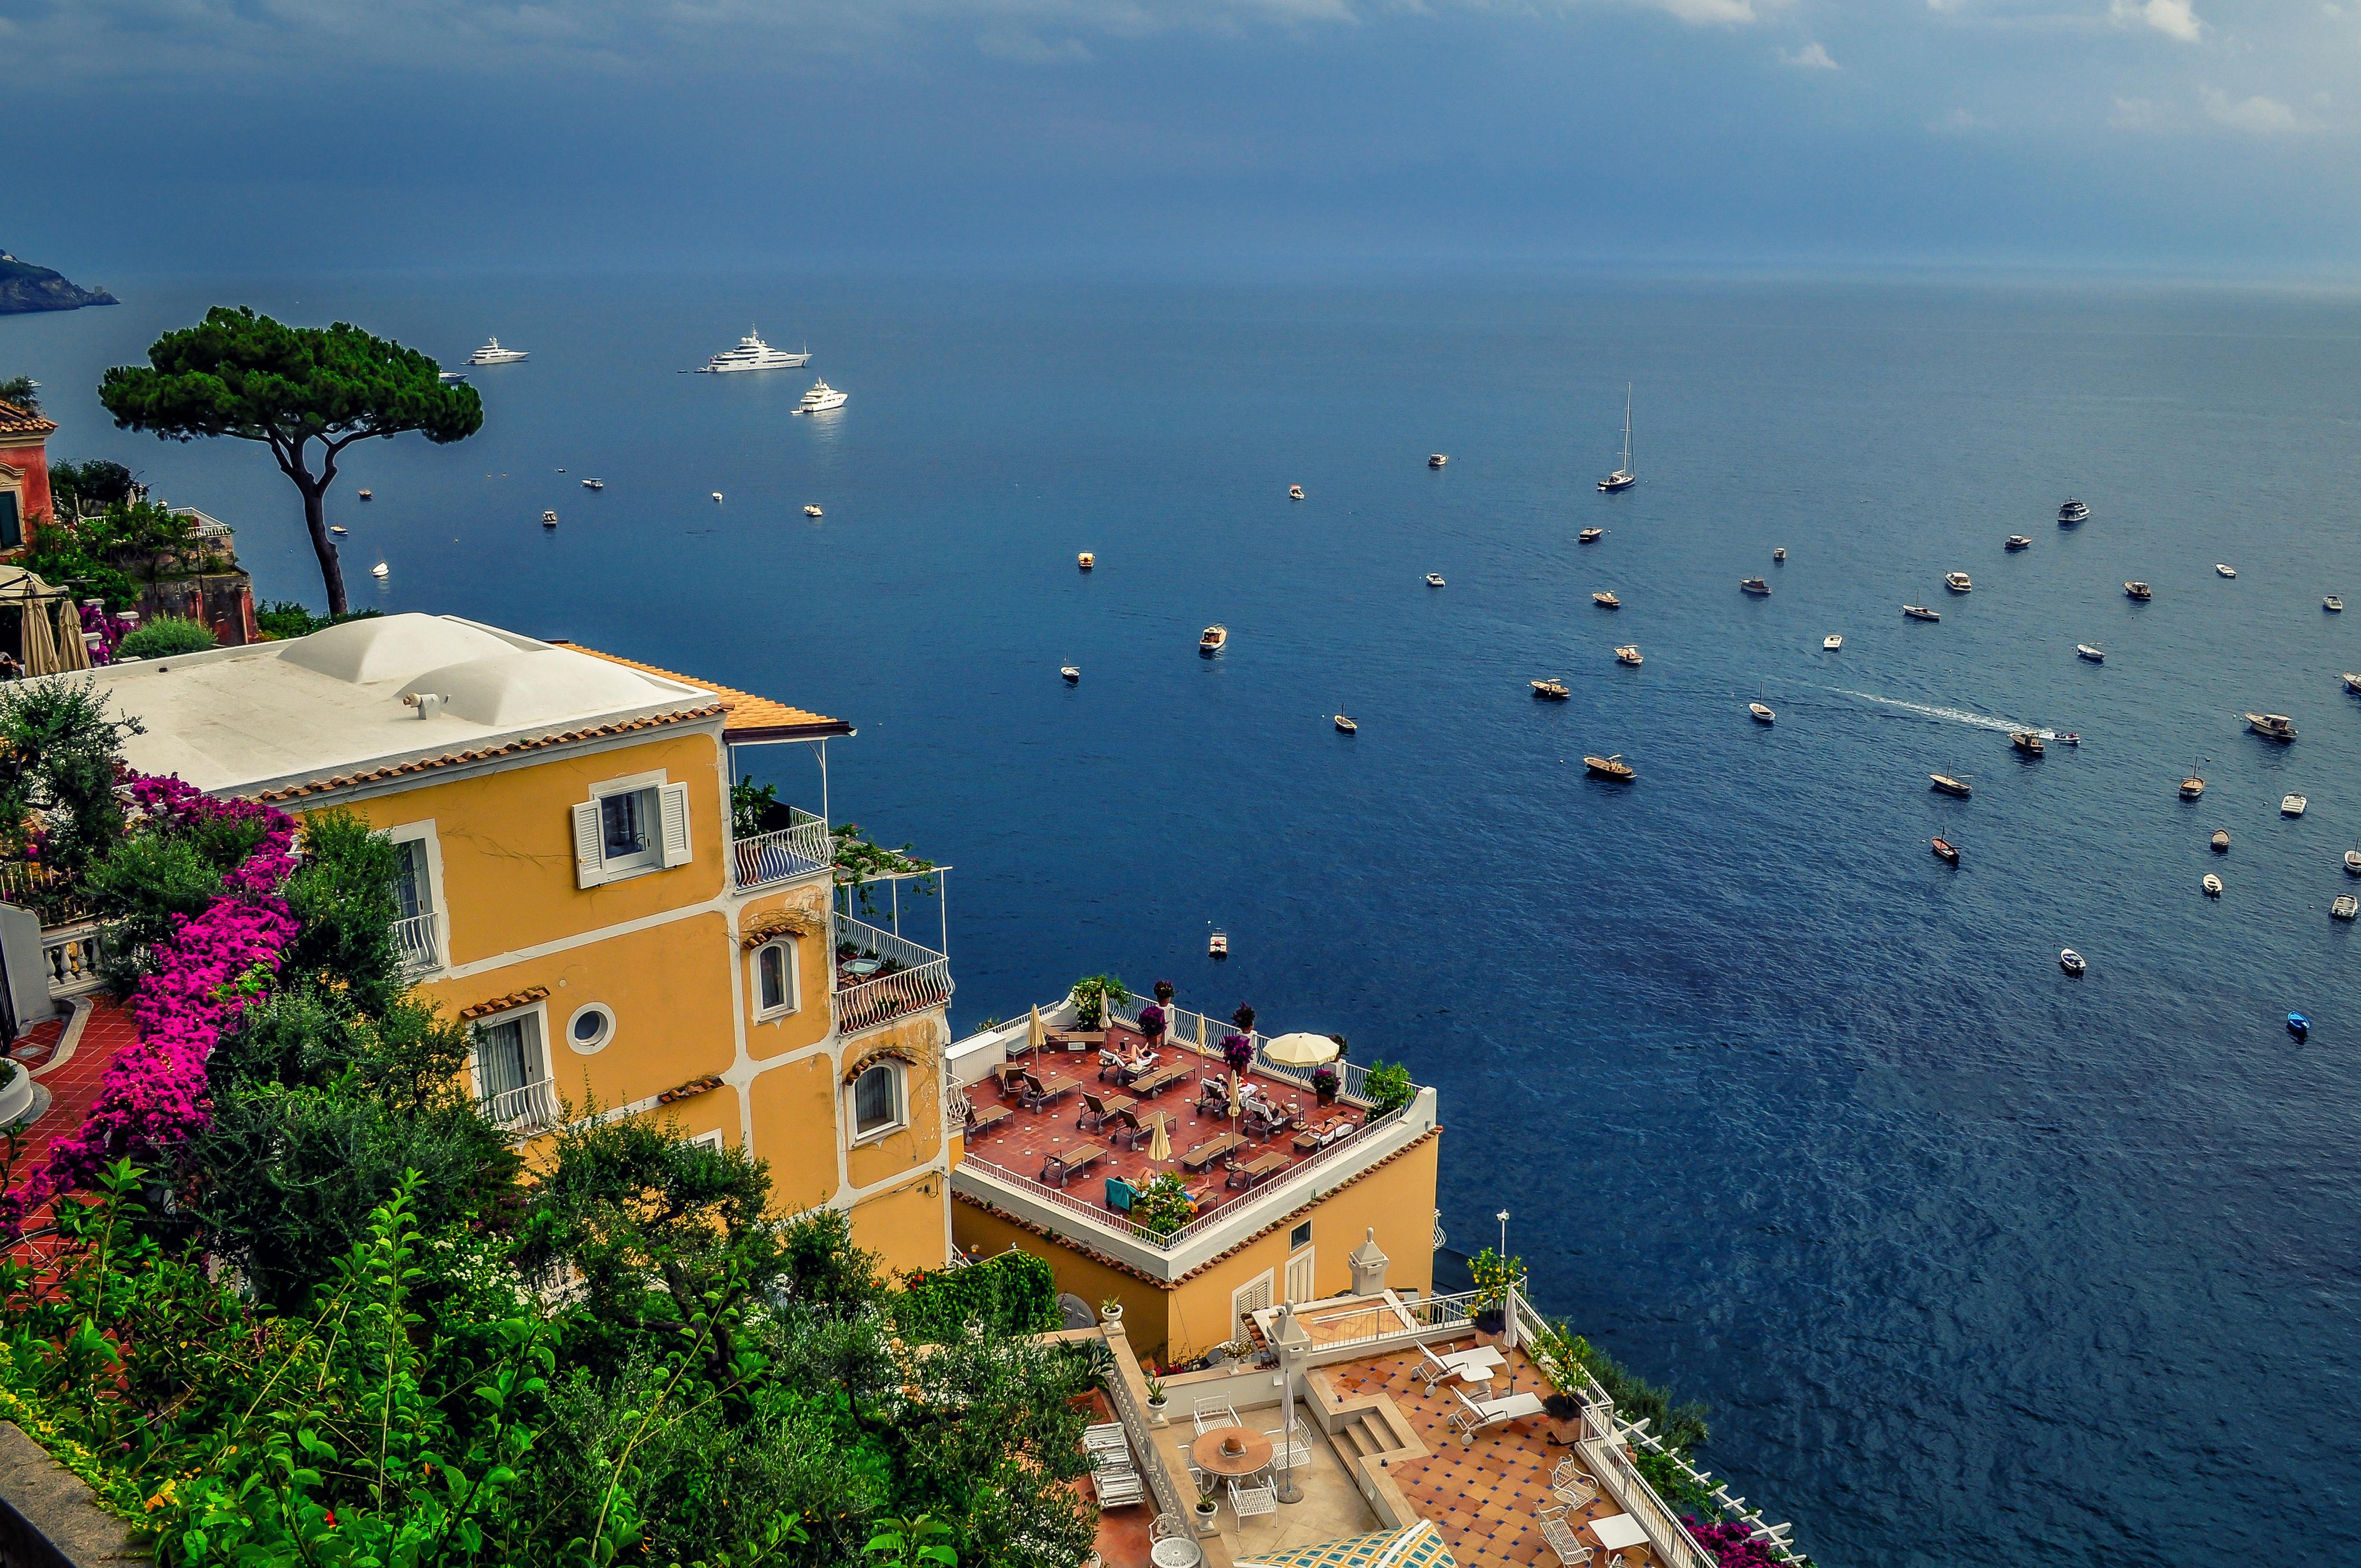 Амальфитанское побережье, море, лодки